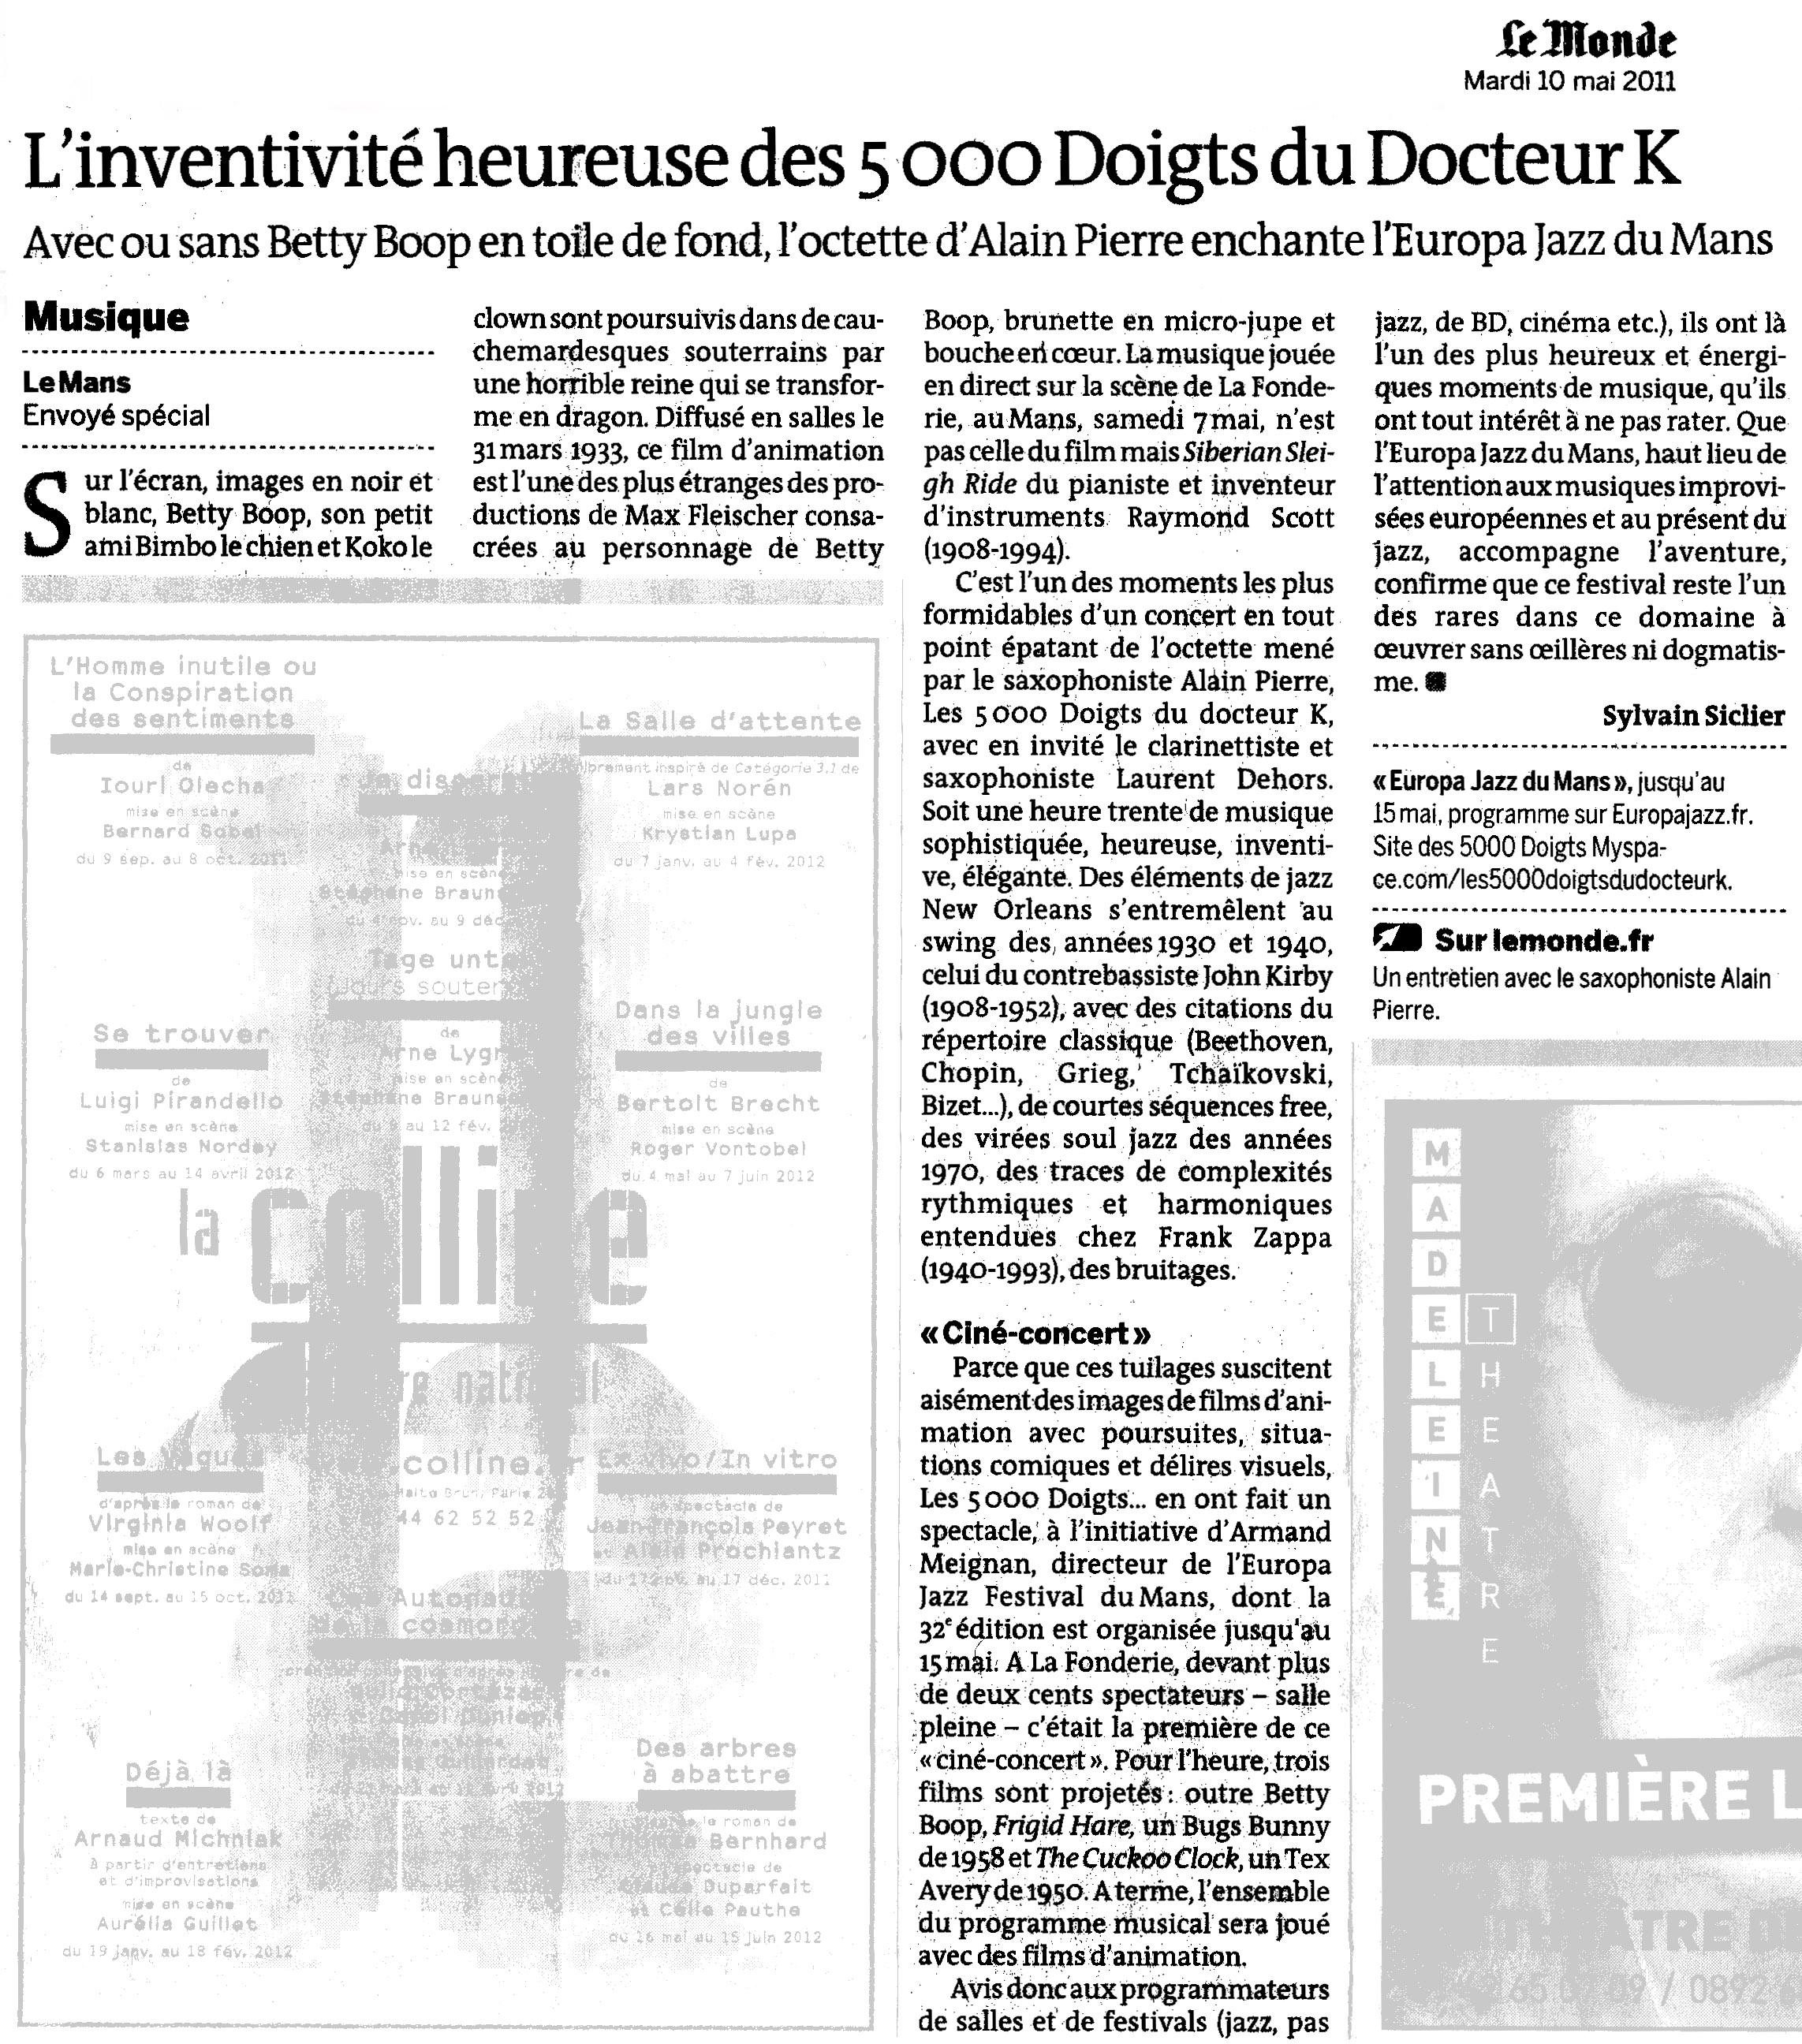 Article de presse - JPG - 1.5 Mo (Nouvelle fenêtre)